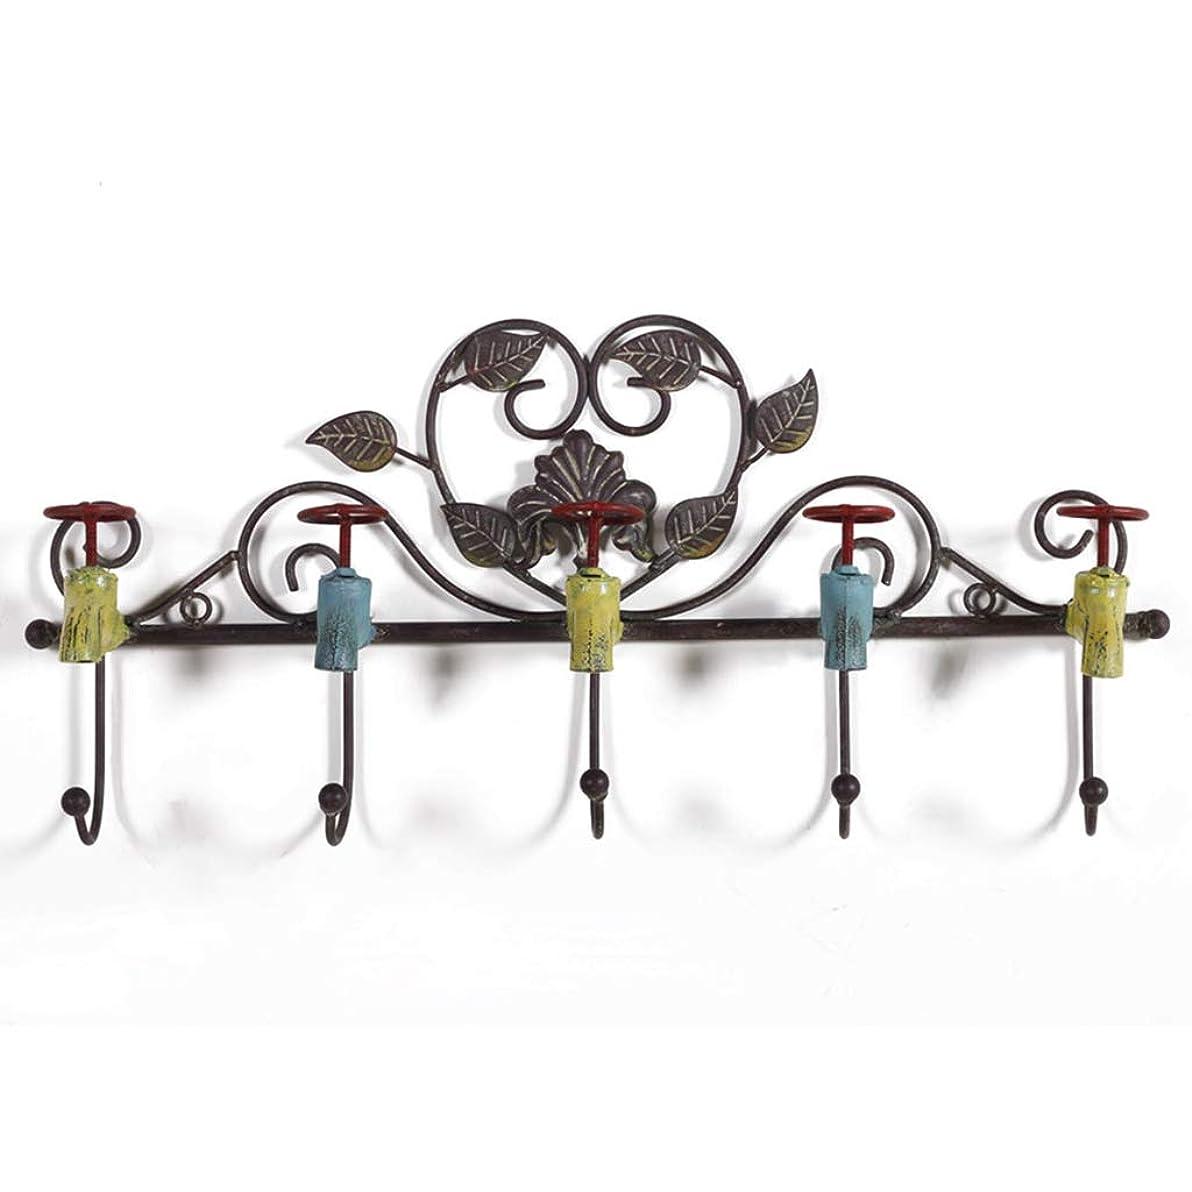 ワイド静脈シェルターハンガーラック フックレトロクリエイティブカフェコートハンギングキーポーチ壁掛けハンガータオル掛けラック鉄 (Color : Brown, Size : 57cm*7cm*28cm)